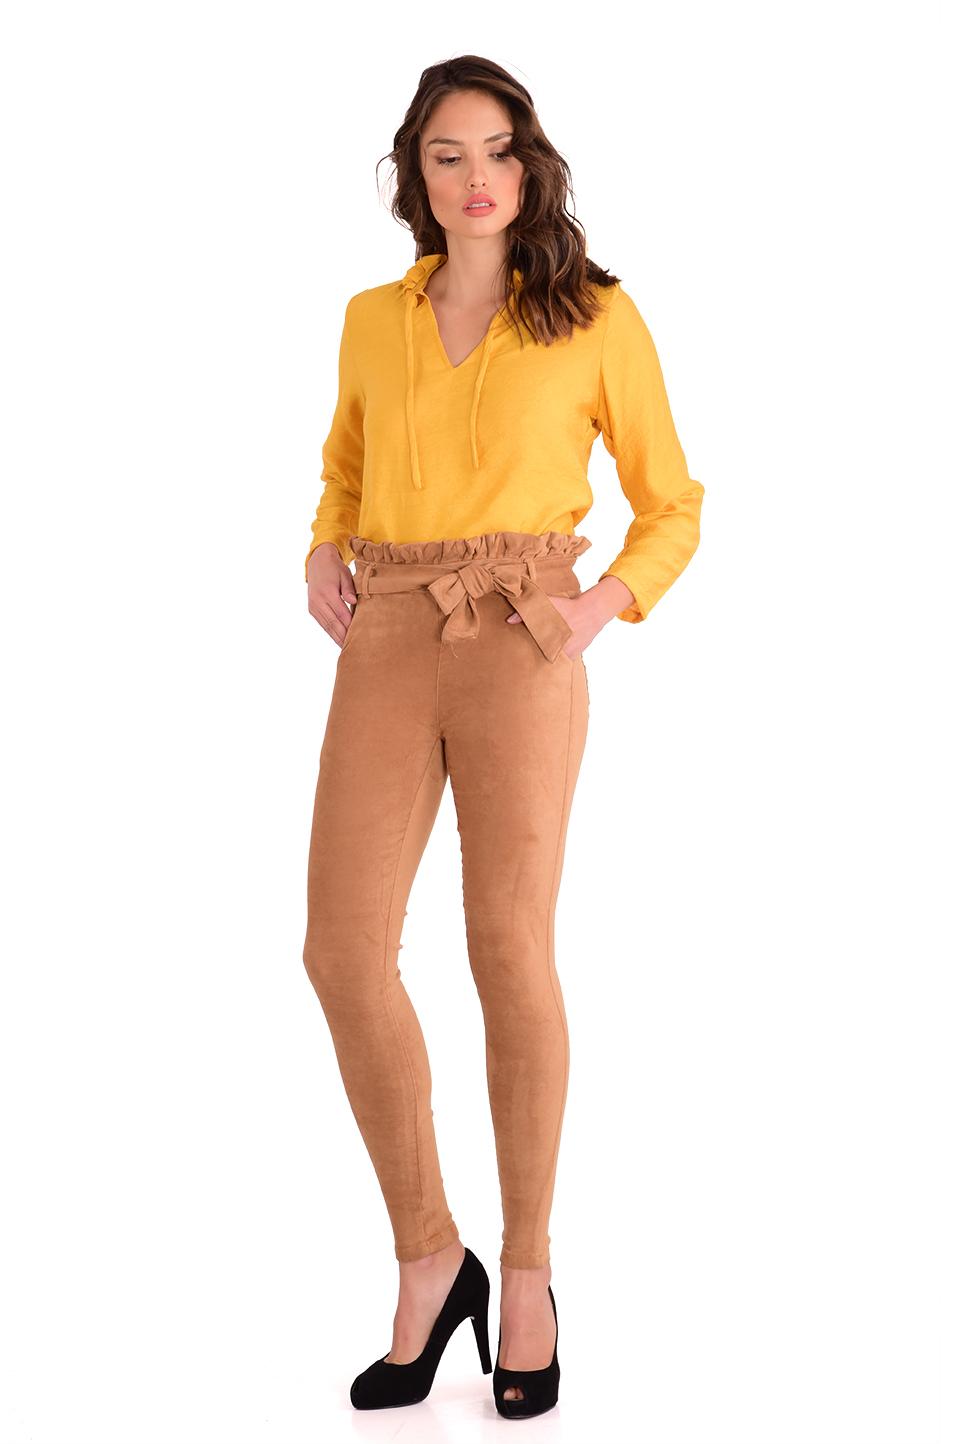 מכנס  צמוד וגבוה בצבע כאמל עם חגורה